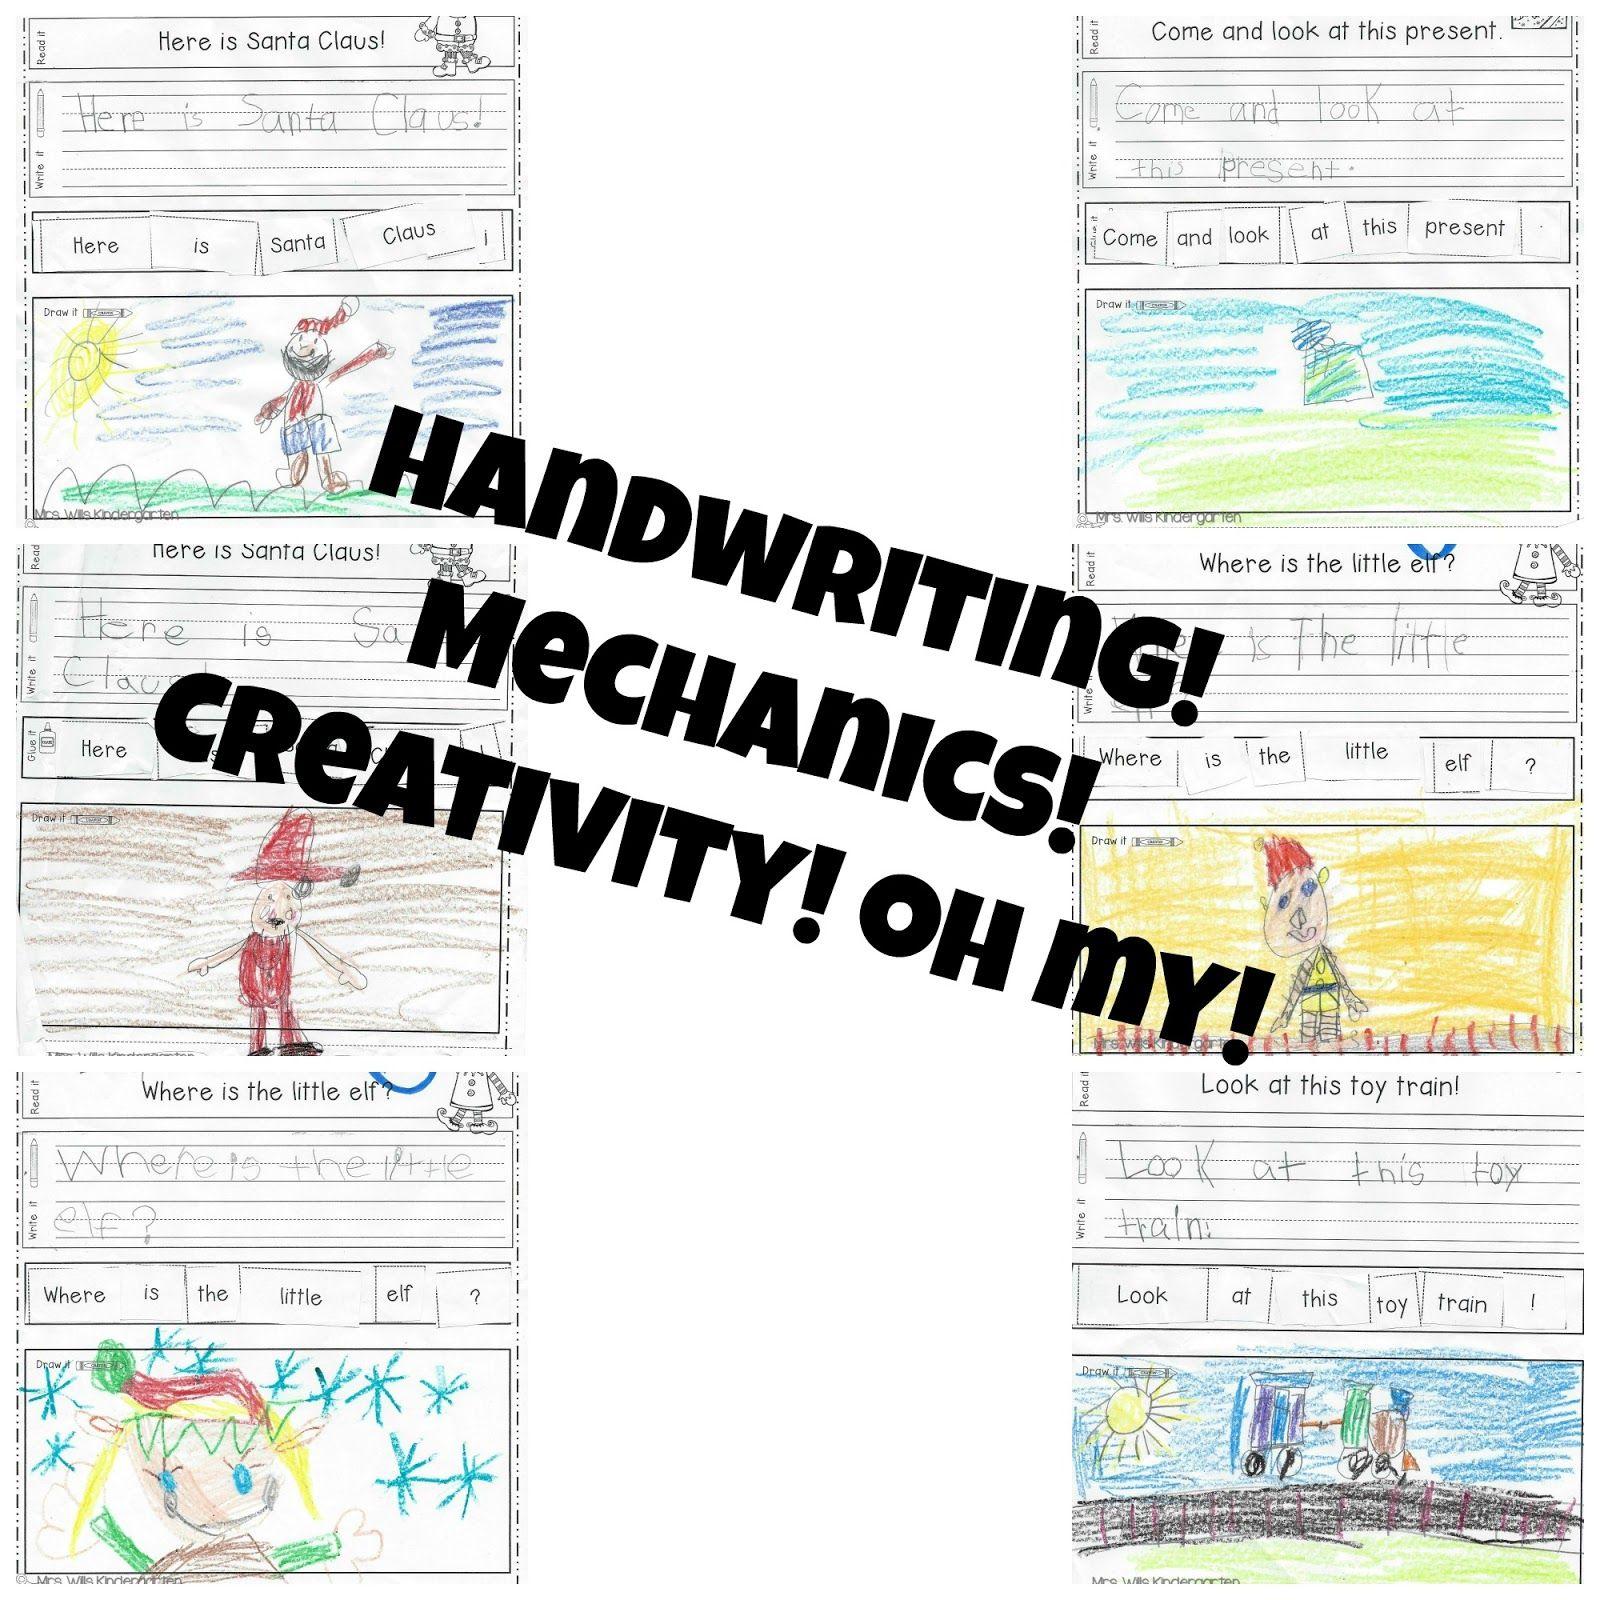 Mrs. Wills Kindergarten: Handwriting! Mechanics! Creativity! Oh My ...